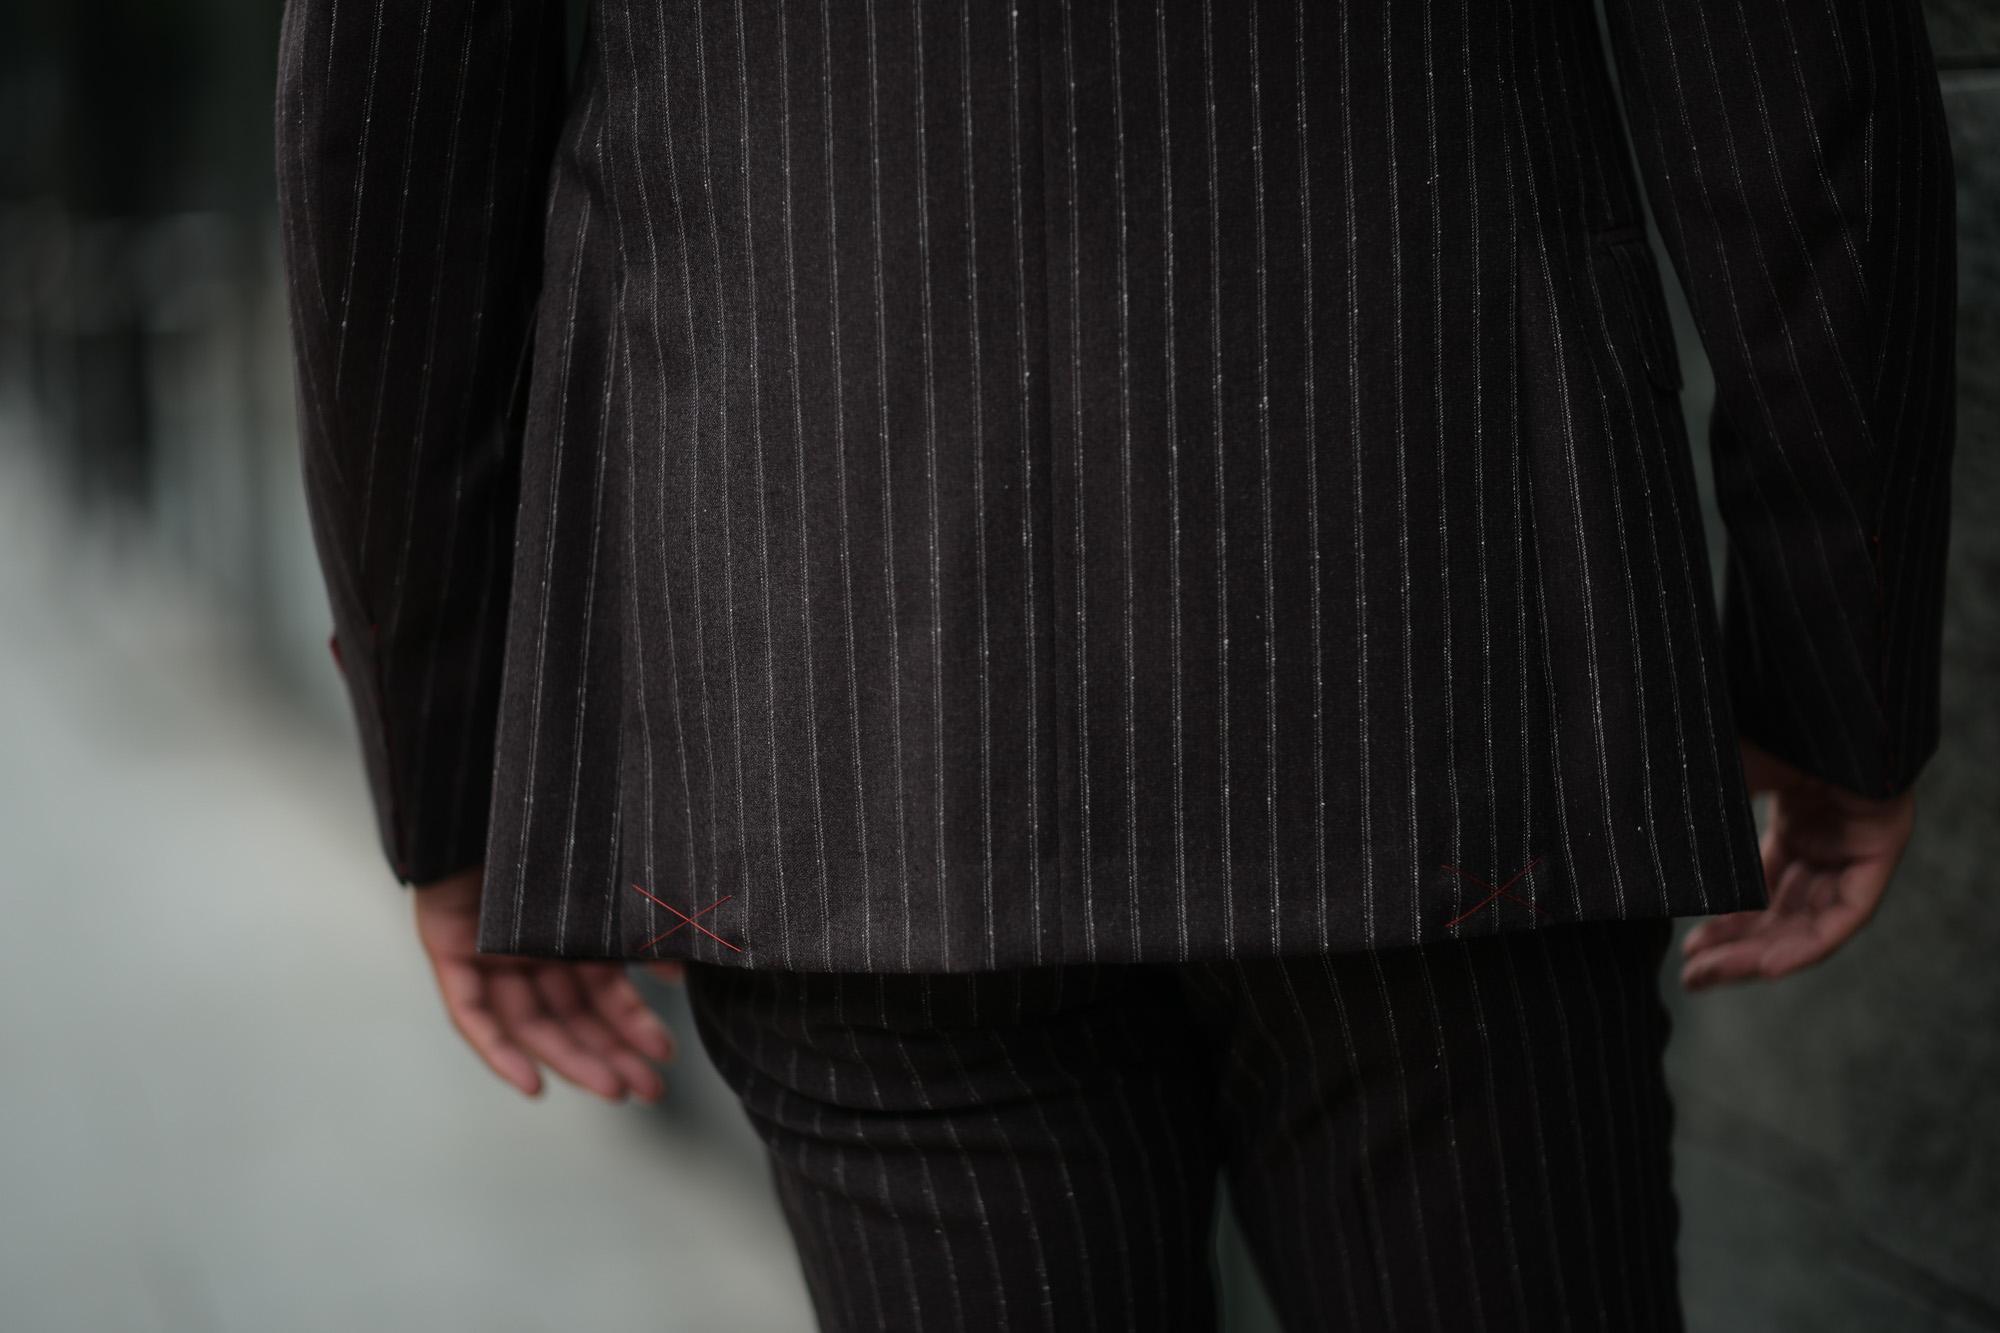 ISAIA (イザイア) GREGORY (グレゴリー) 130'S ARCHIVE 1957 Chalk stripe チョークストライプ 段返り3B スーツ DARK BROWN (ダークブラウン・460) Made in italy (イタリア製) 2018 秋冬新作 isaia 愛知 名古屋 altoediritto アルトエデリット